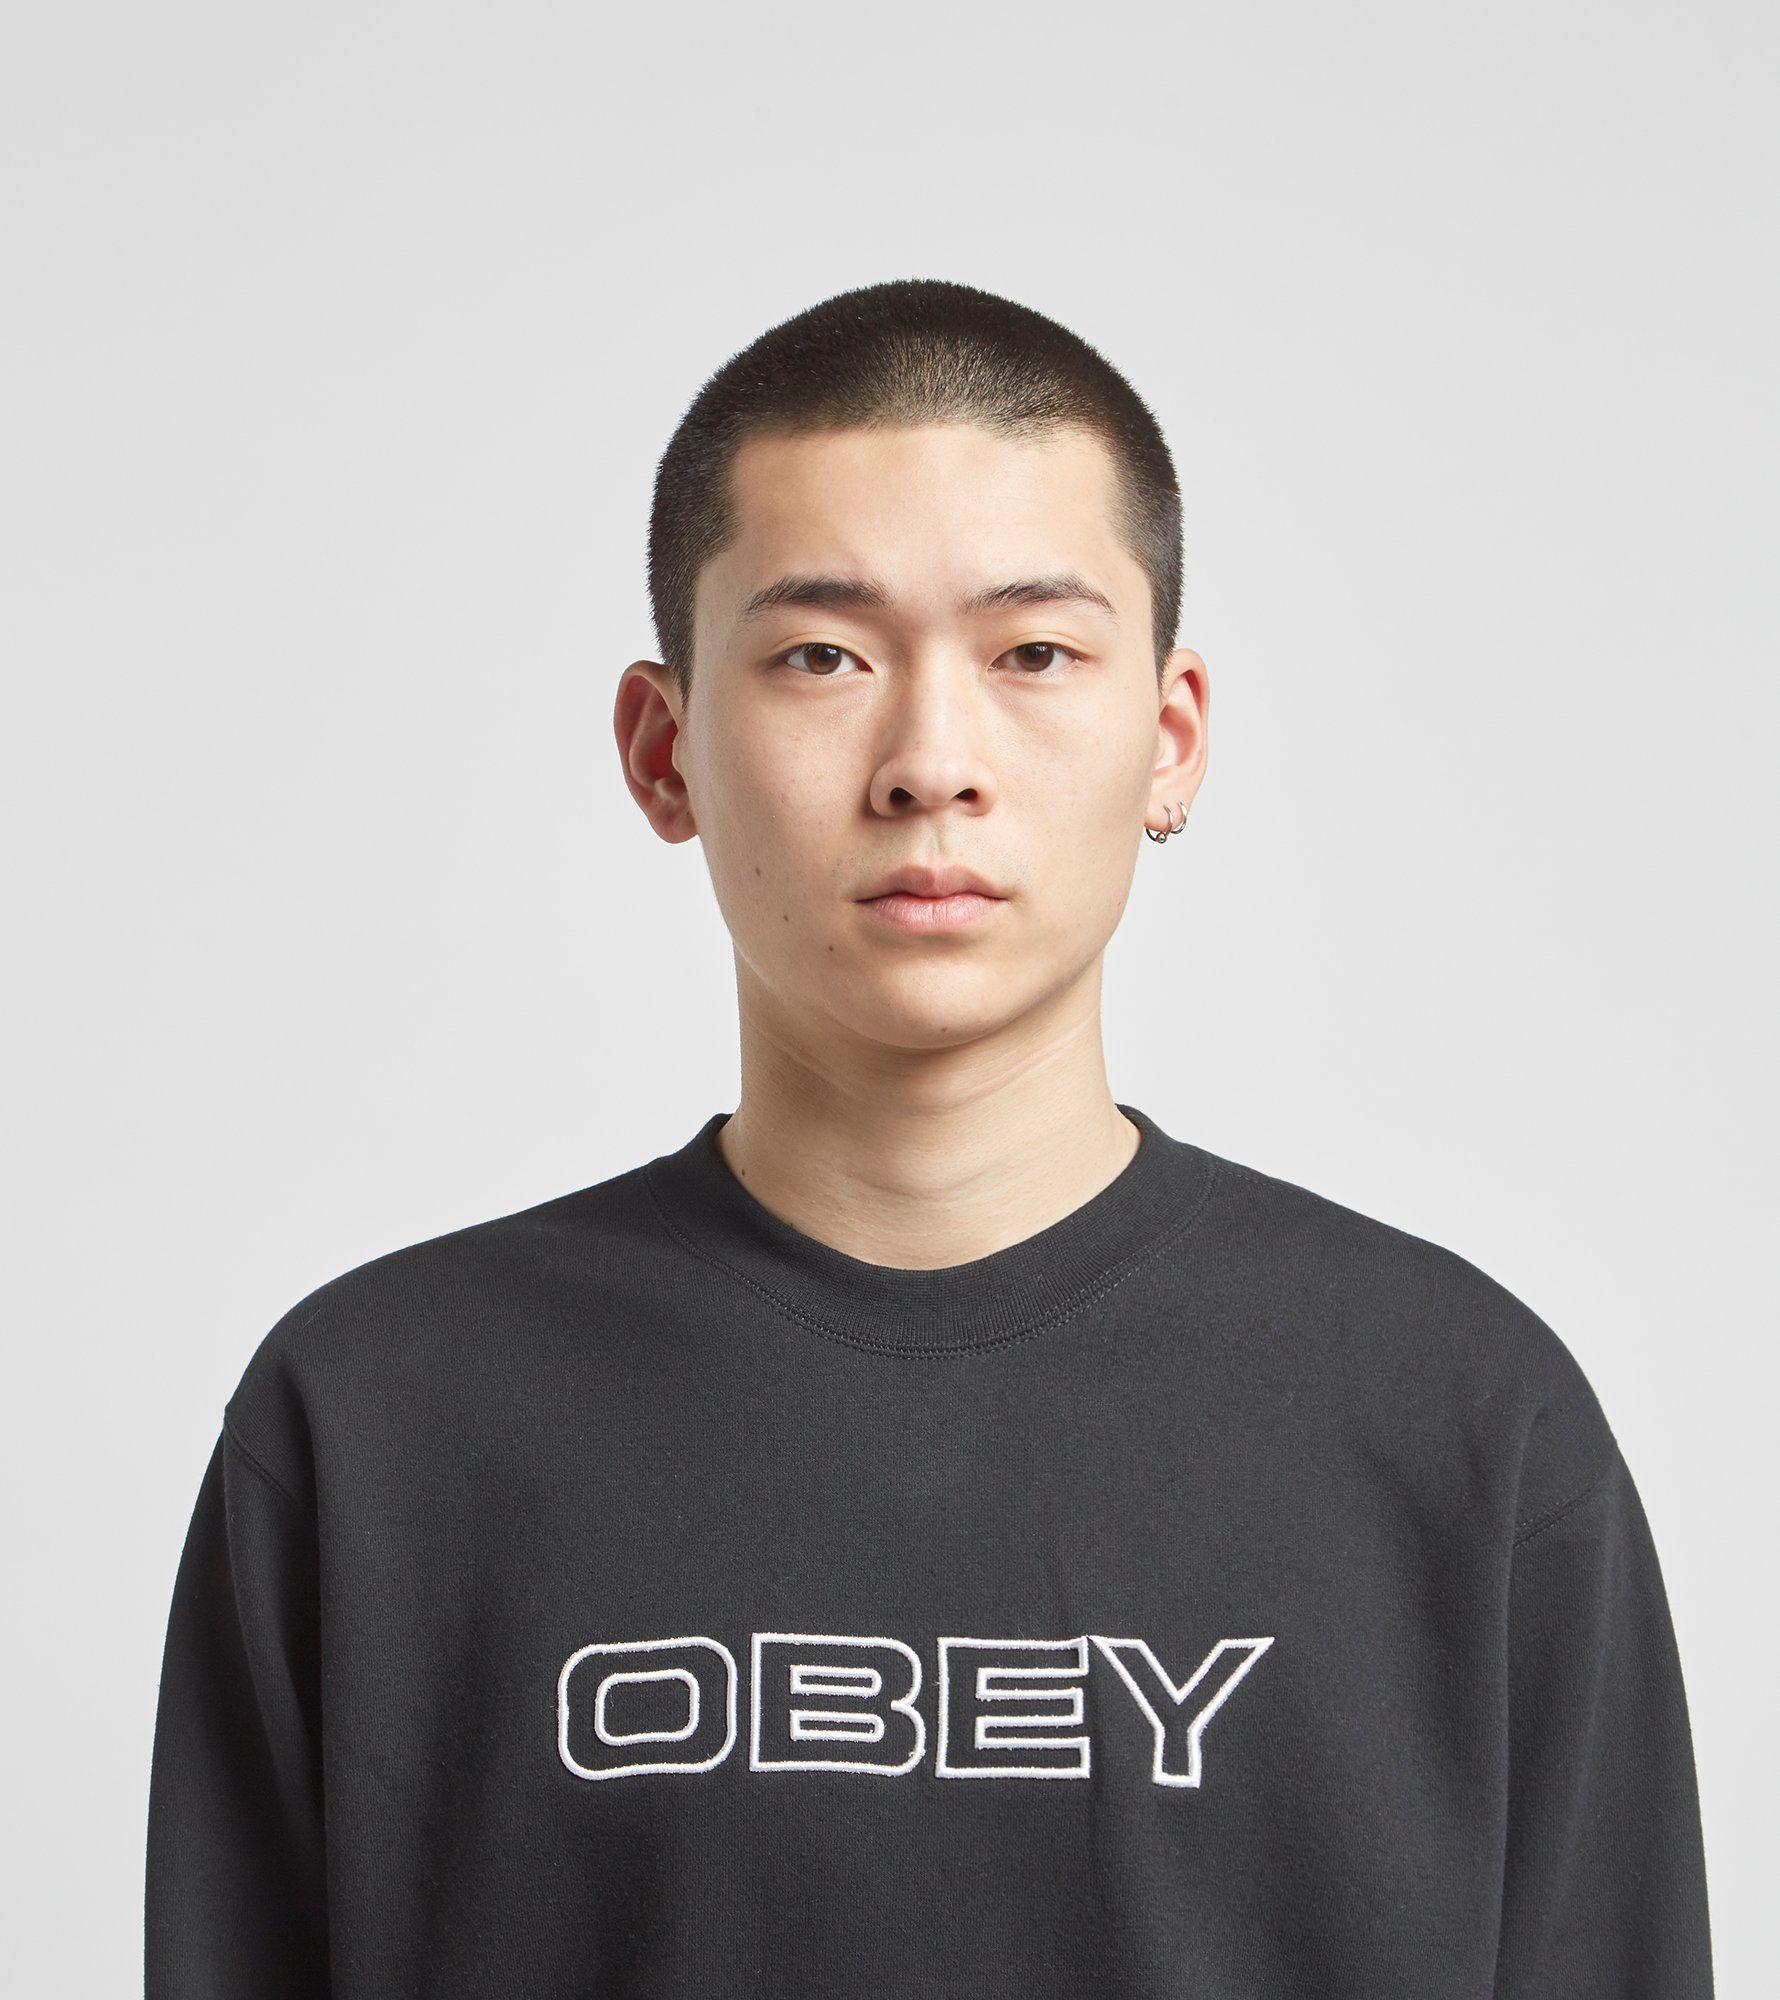 Obey Ceremony Crew Sweatshirt